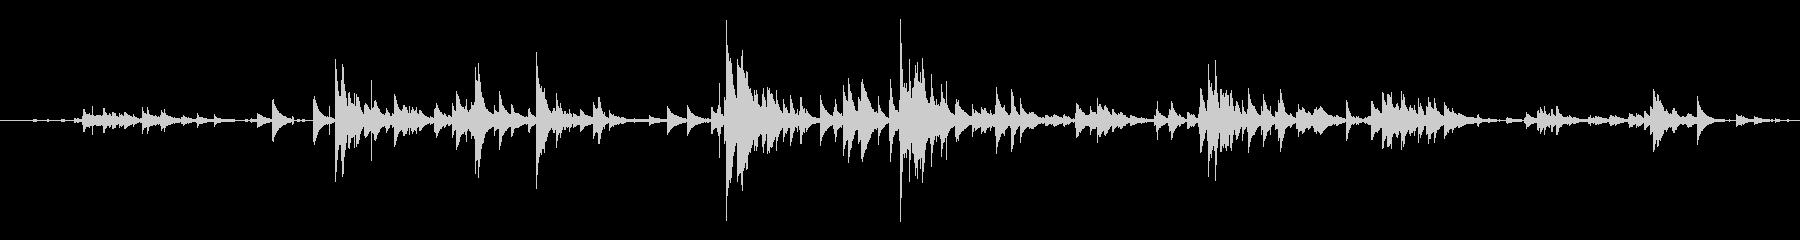 スモールベルウィンドチャイム:コン...の未再生の波形